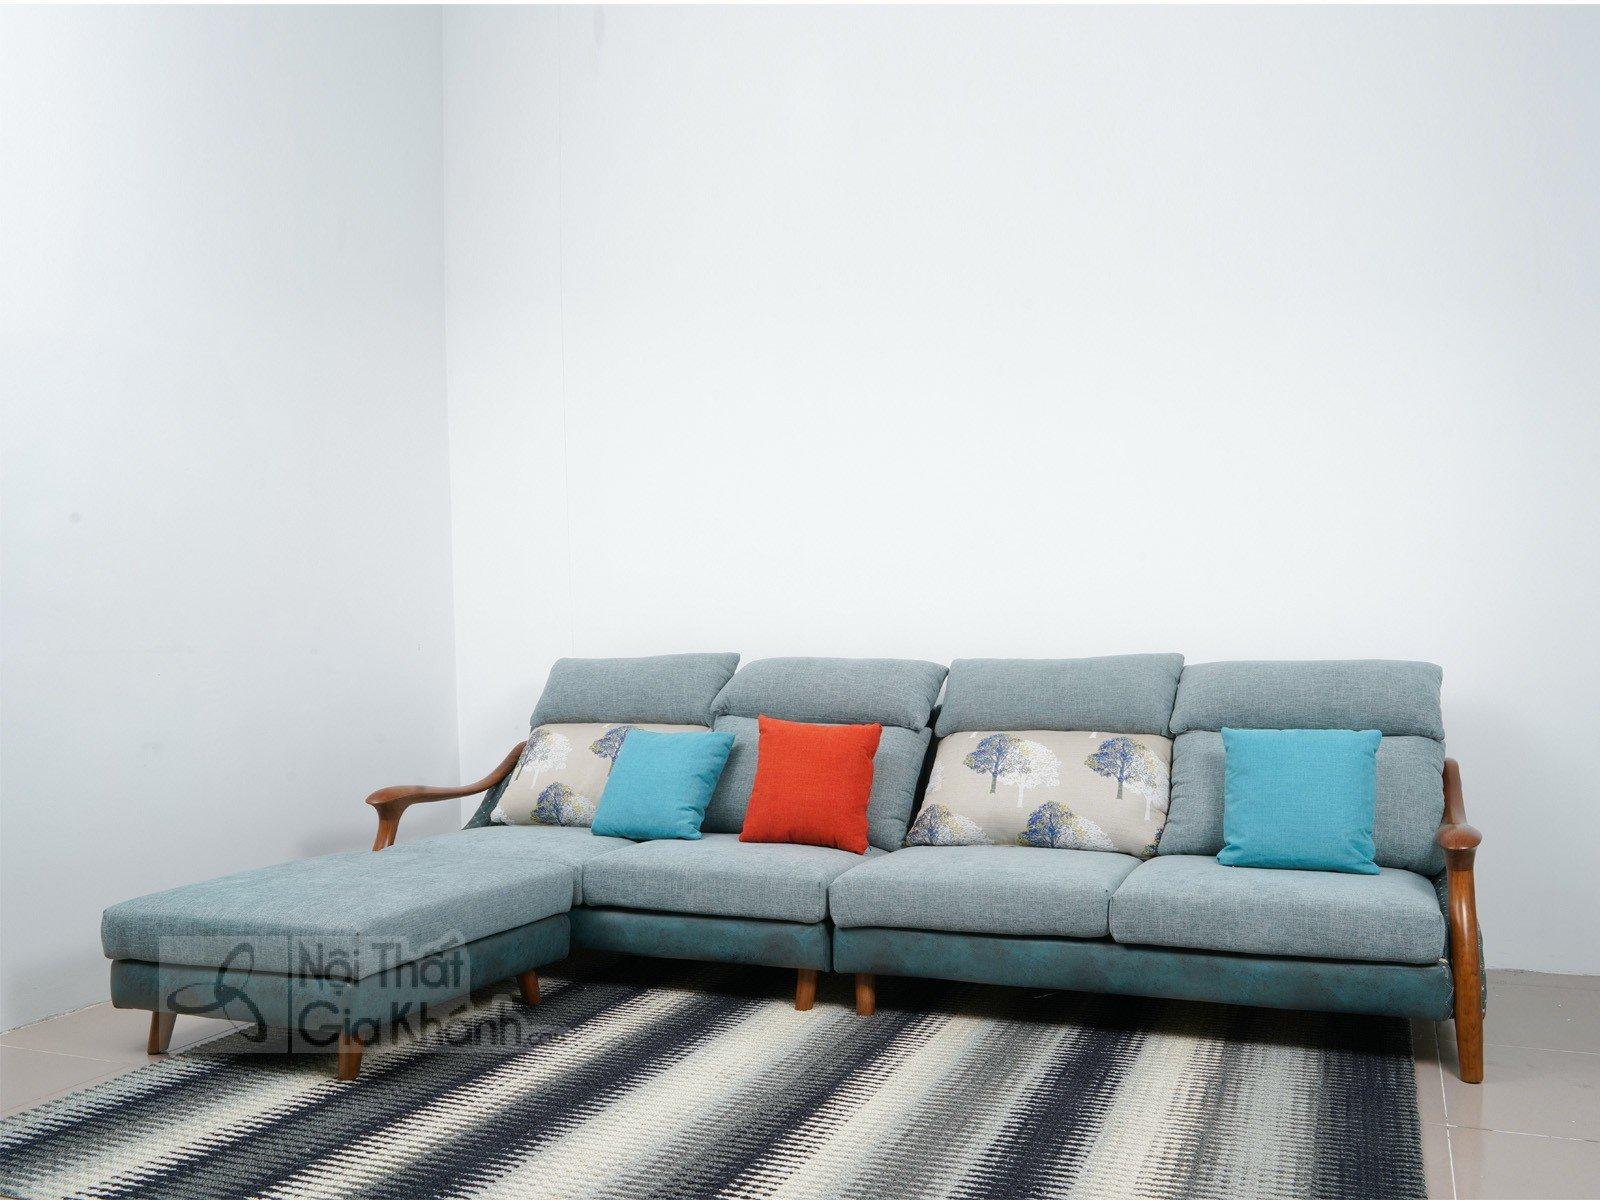 sofa hien dai MR802C SF 3200x1830x790 3 - SOFA VÀ ĐÔN NỈ KHUNG GỖ HIỆN ĐẠI MR802C-SF